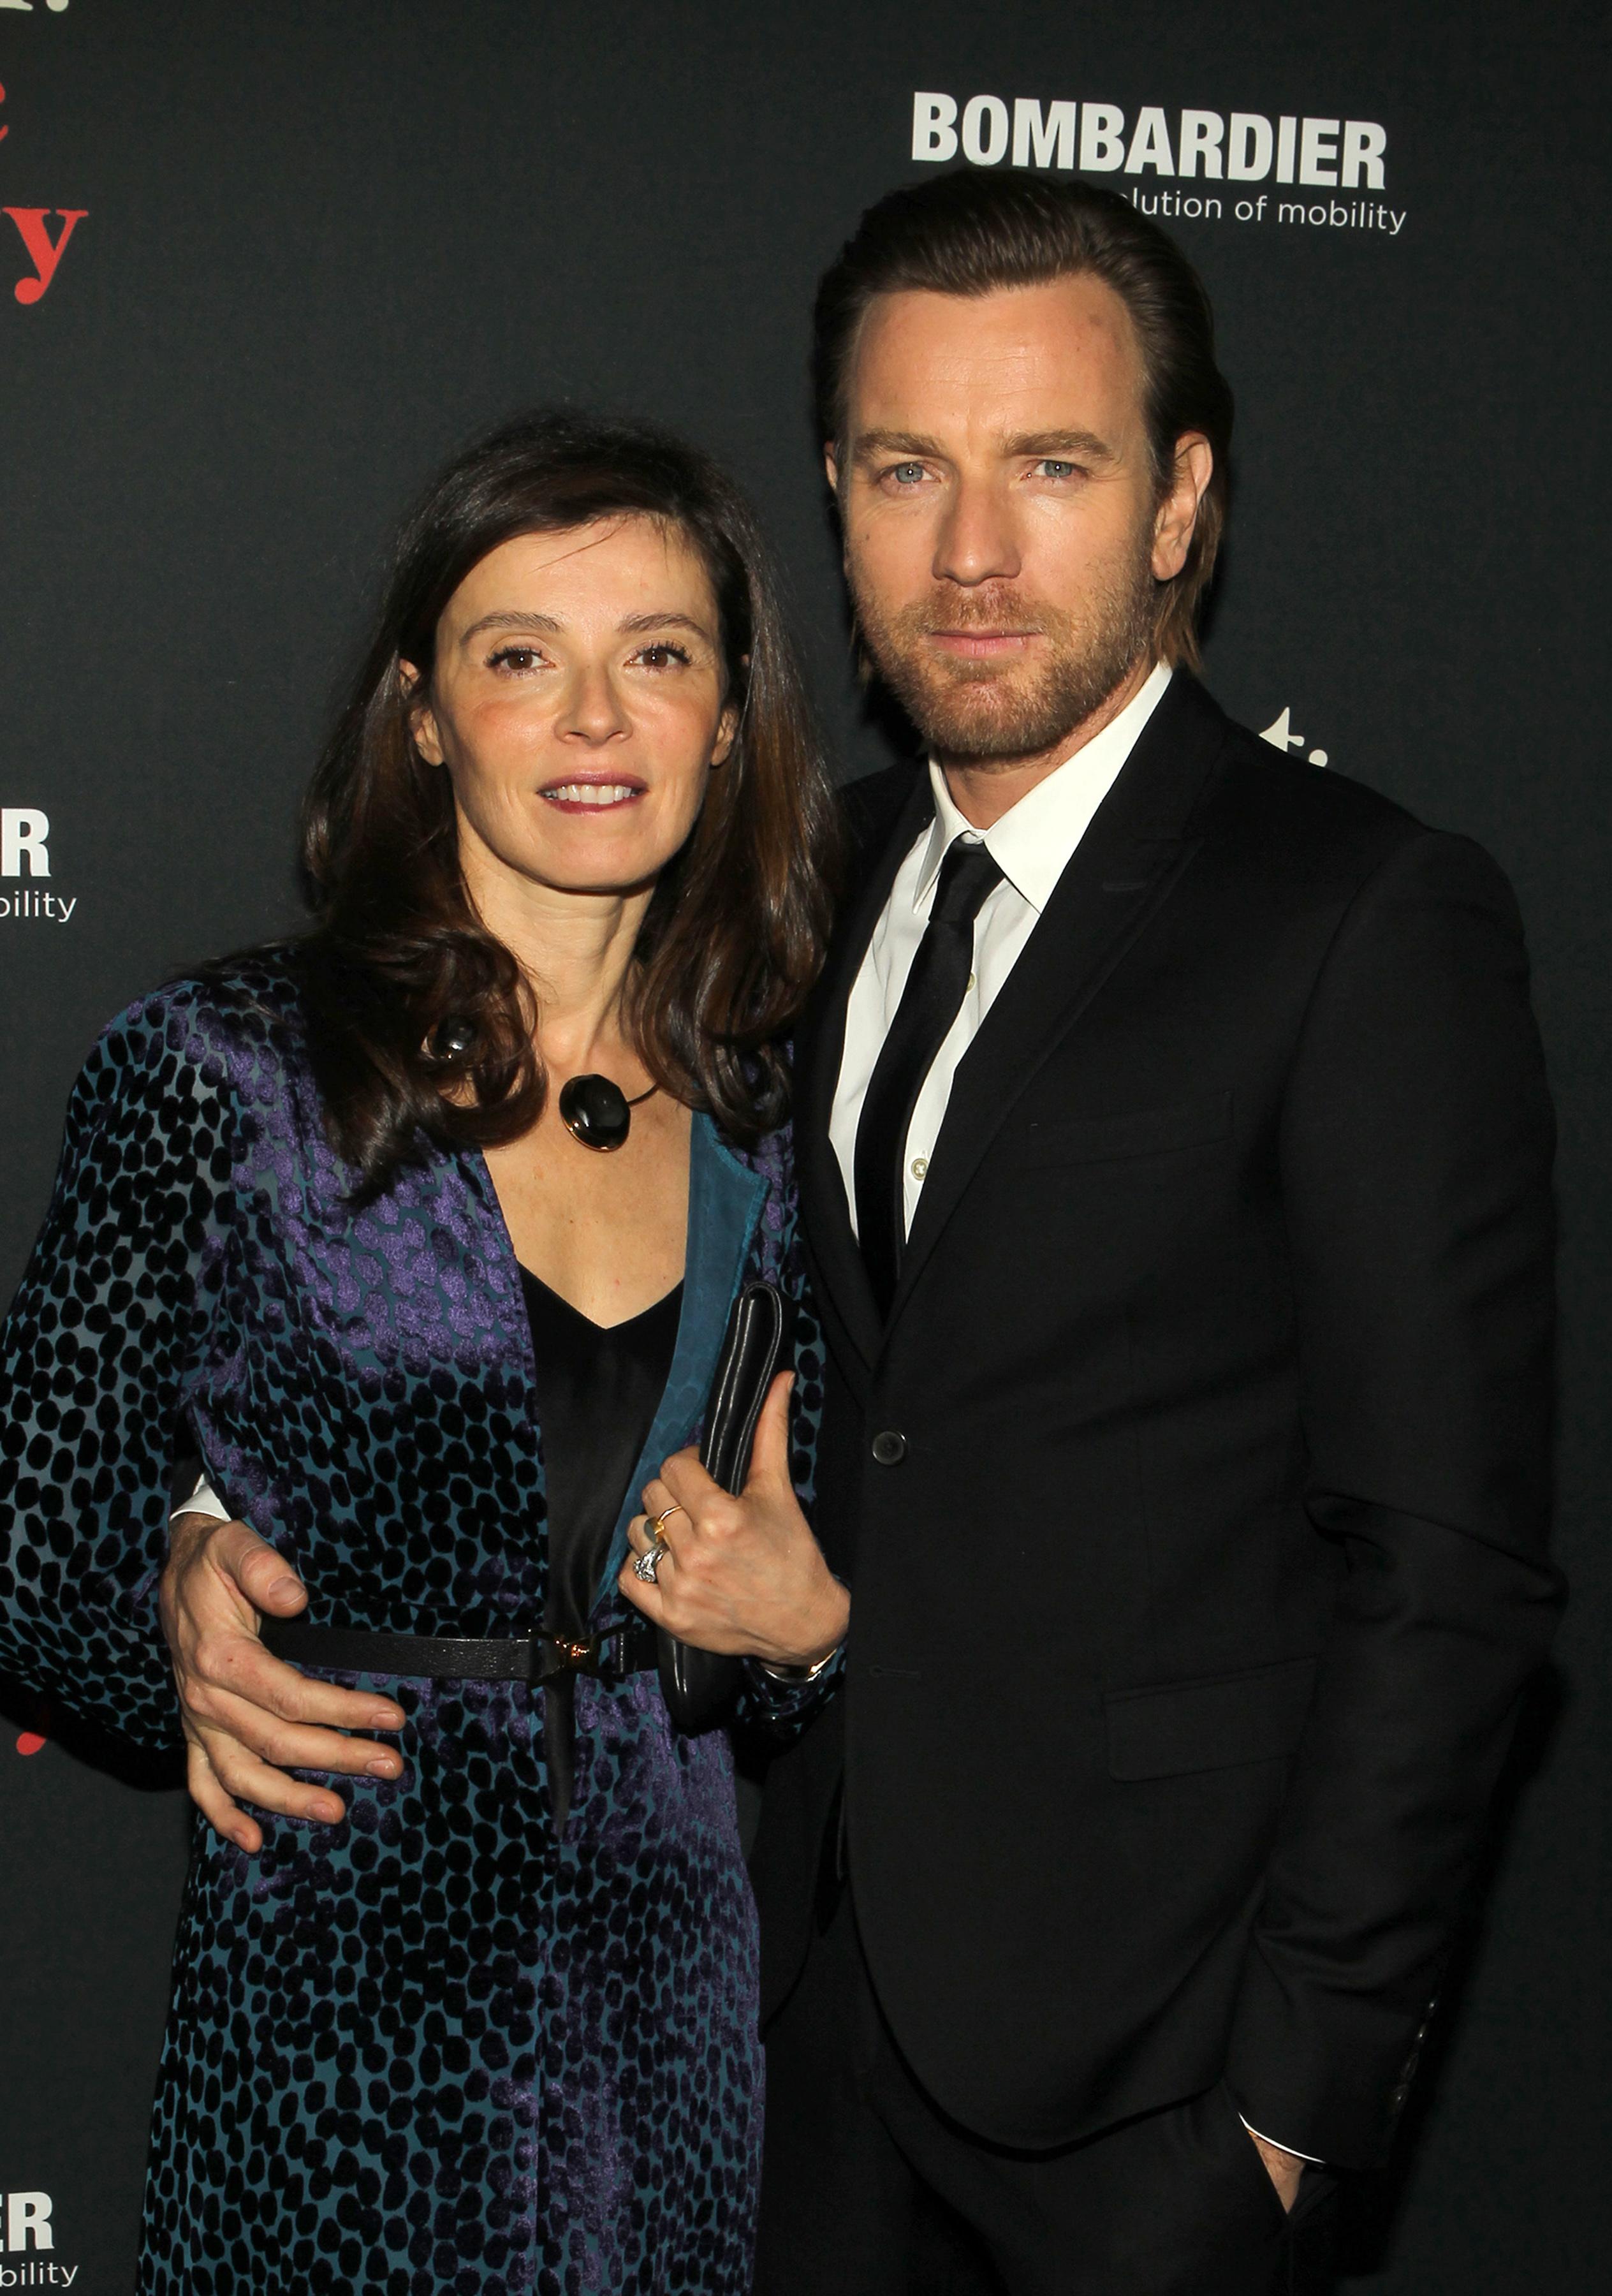 Ewan McGregor zostawił żonę dla kochanki. Teraz sam został PORZUCONY